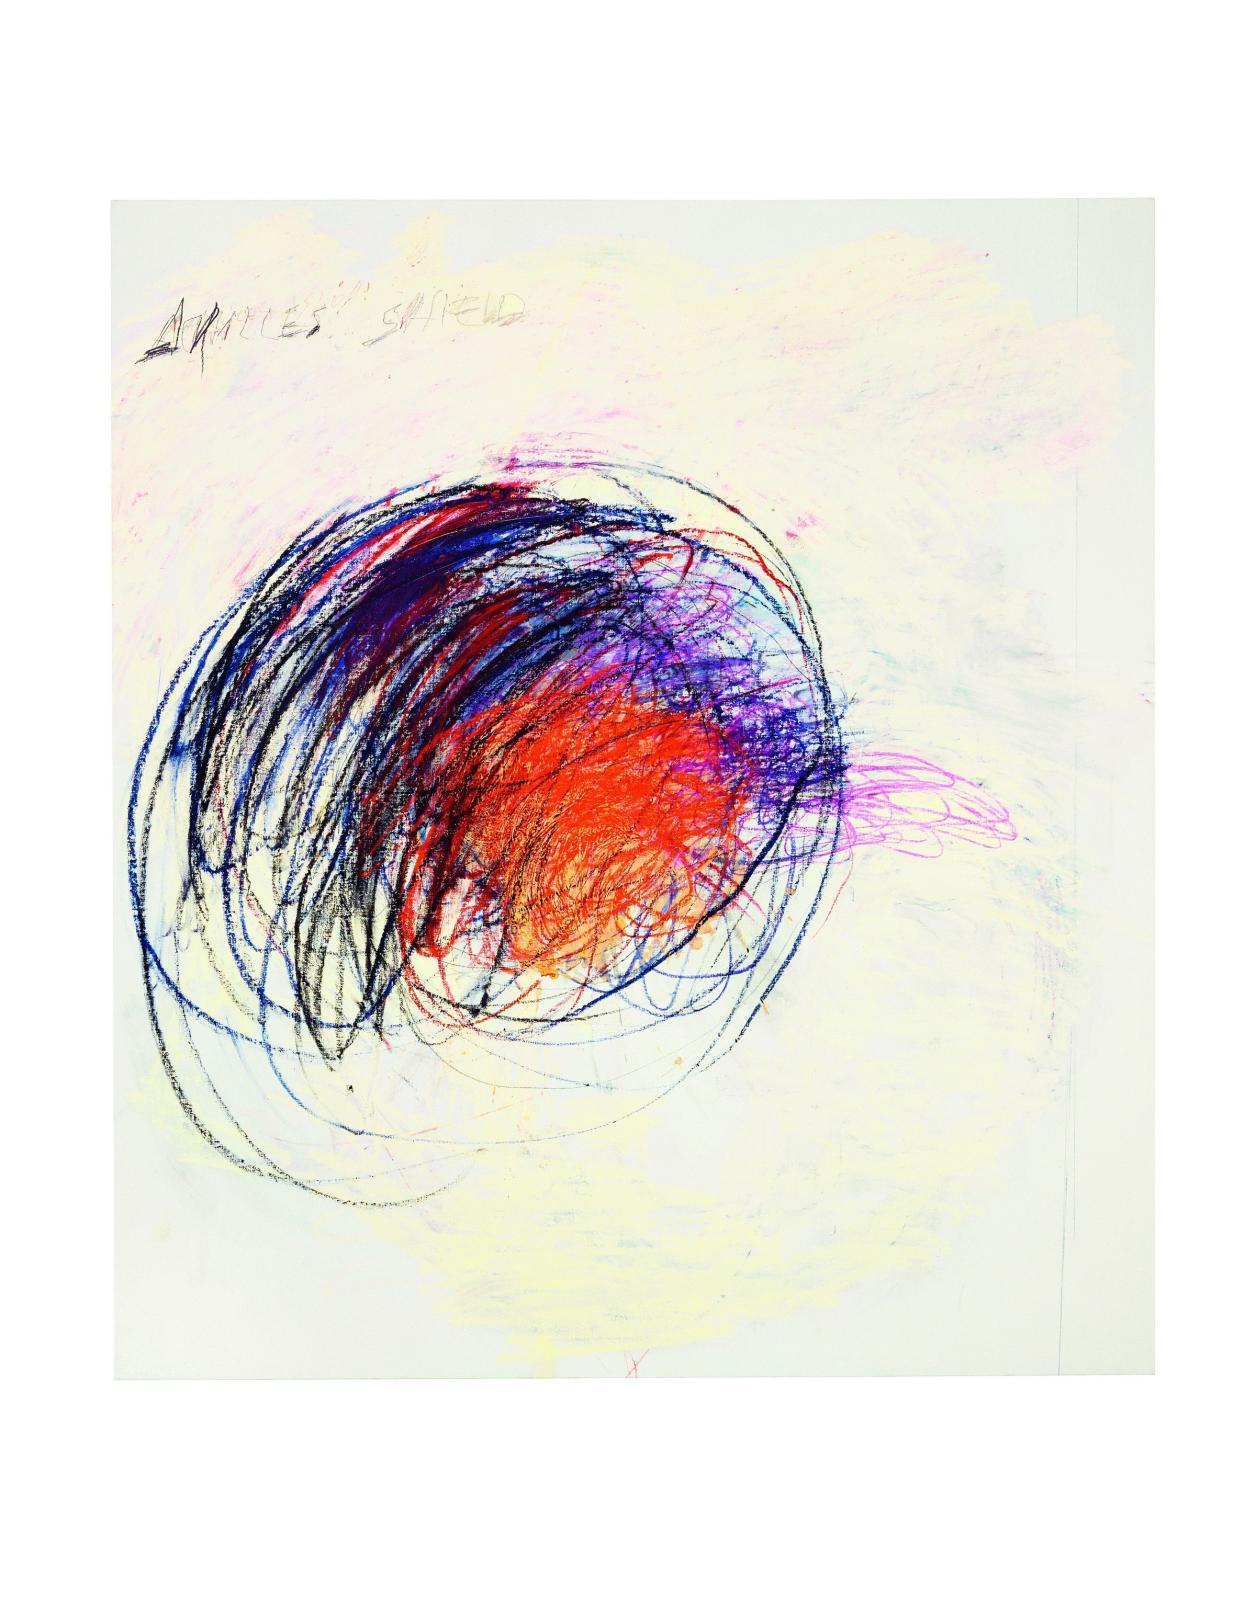 Cy Twombly, Fifty Days at Iliam: Shield of Achilles, 1978, partieI, huile, crayon à l'huile, mine de plomb sur toile, 191,8x170,2cm, Philadelphia